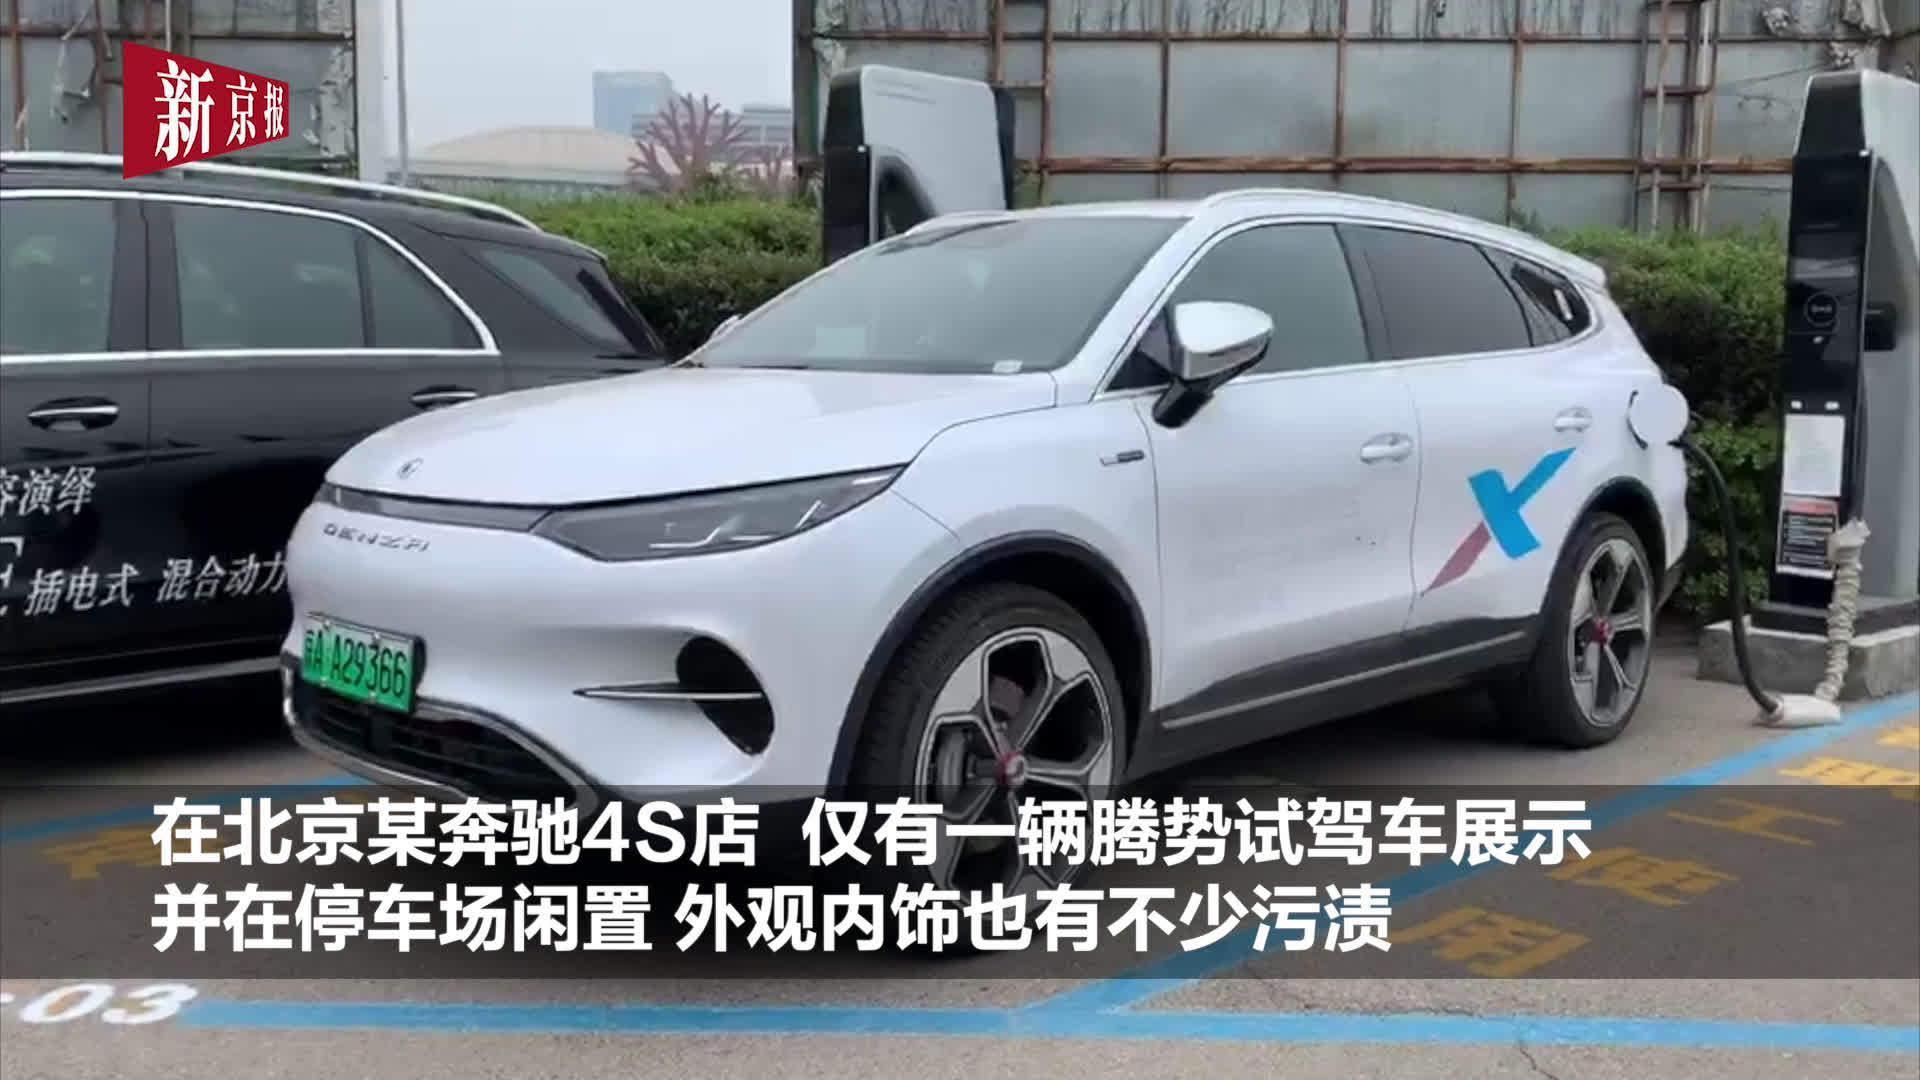 视频:腾势纯电车型月销个位数 曾被奔驰、比亚迪累计增资32亿元